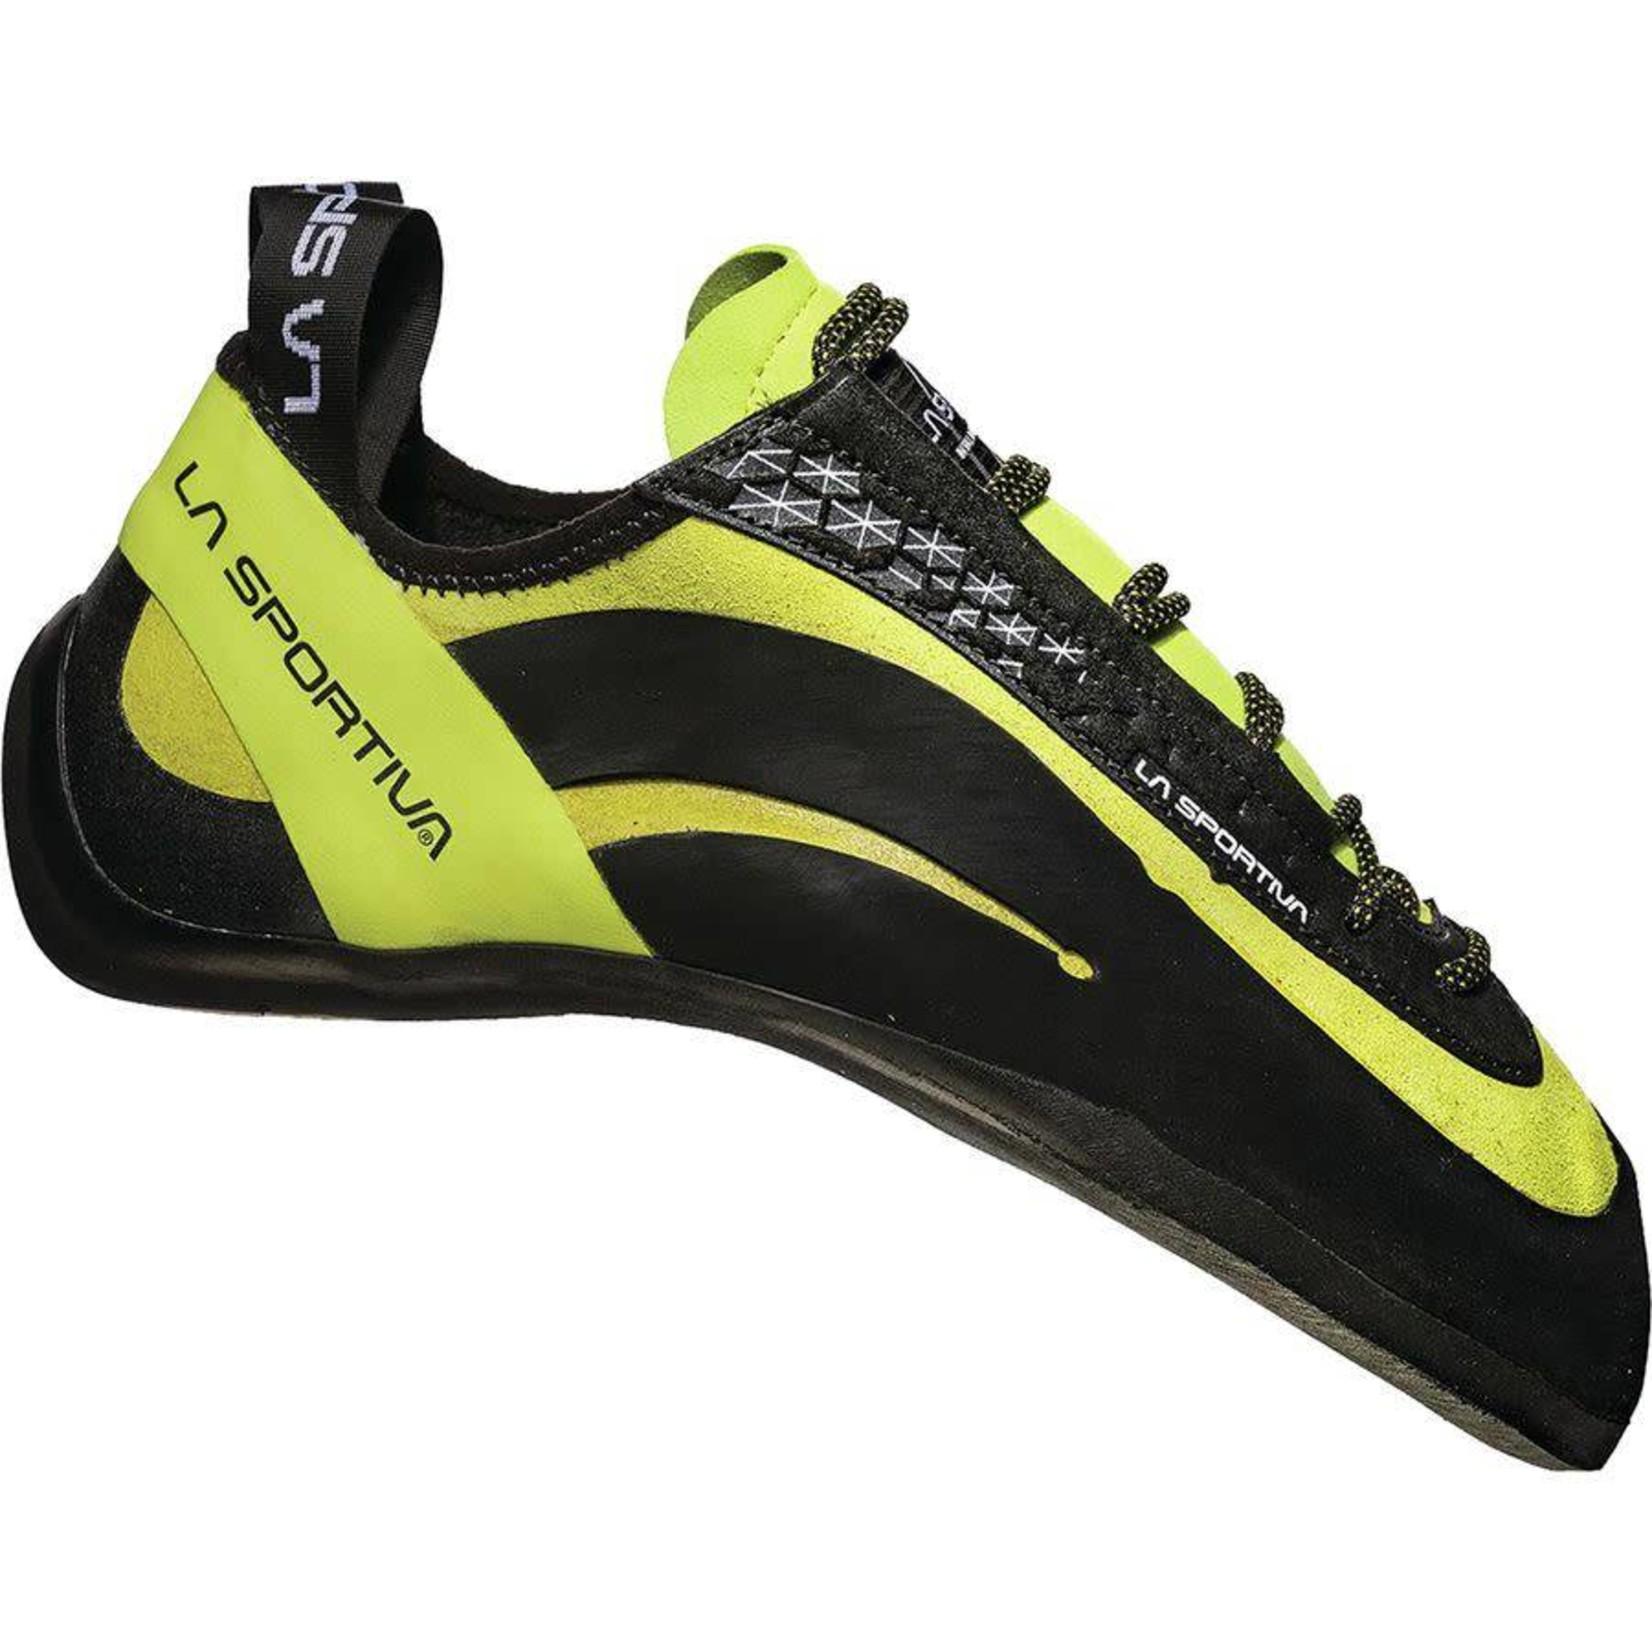 La Sportiva La Sportiva Miura Lace-up Climbing Shoes